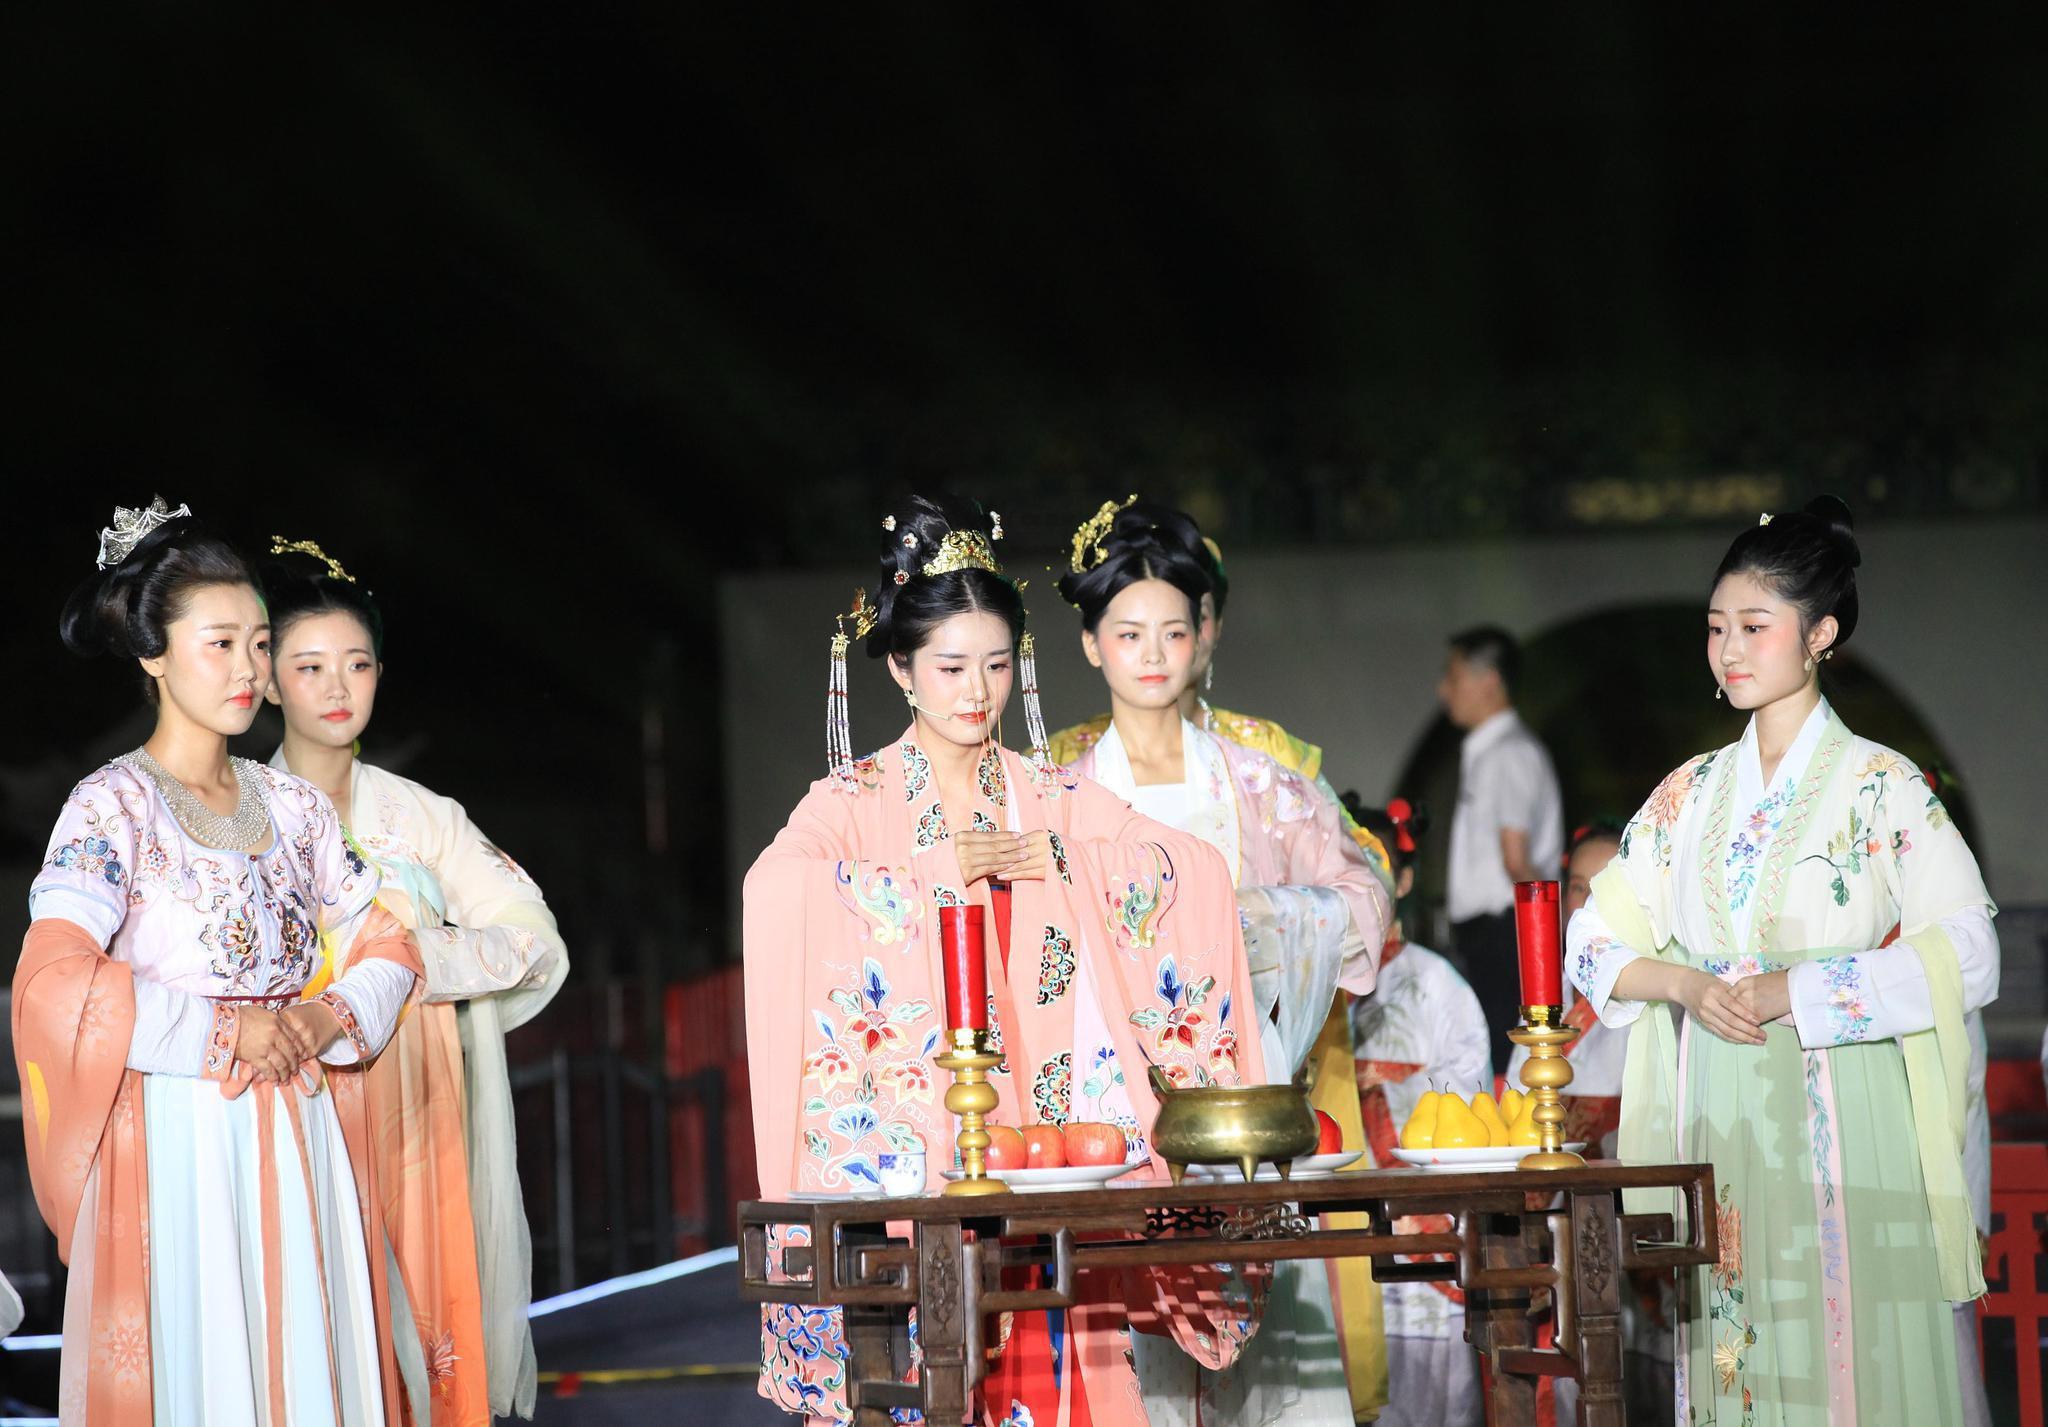 2019年秦淮中秋诗会,祭月仪式。 视觉中国 图